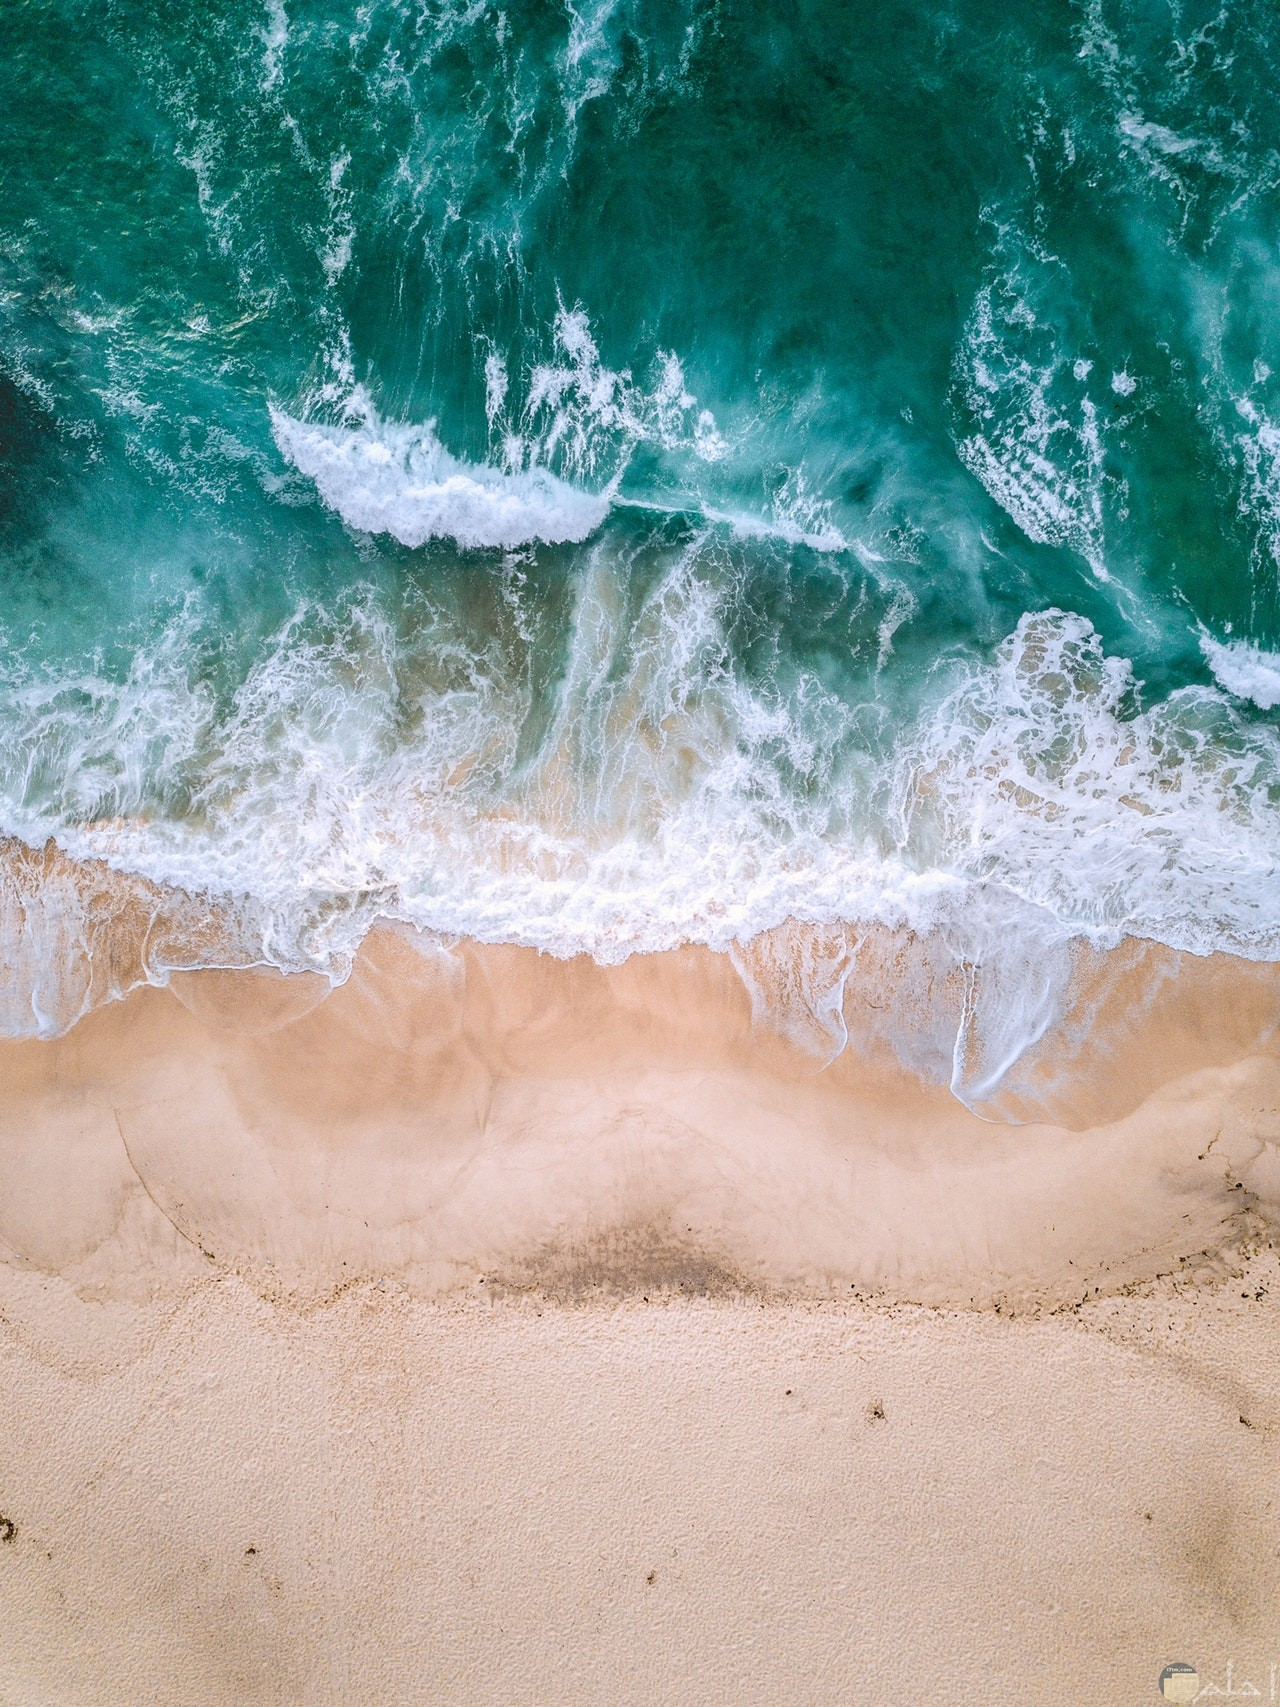 صورة مميزة ورائعة للطبيعة حيث الشاطئ والبحر الجميلين